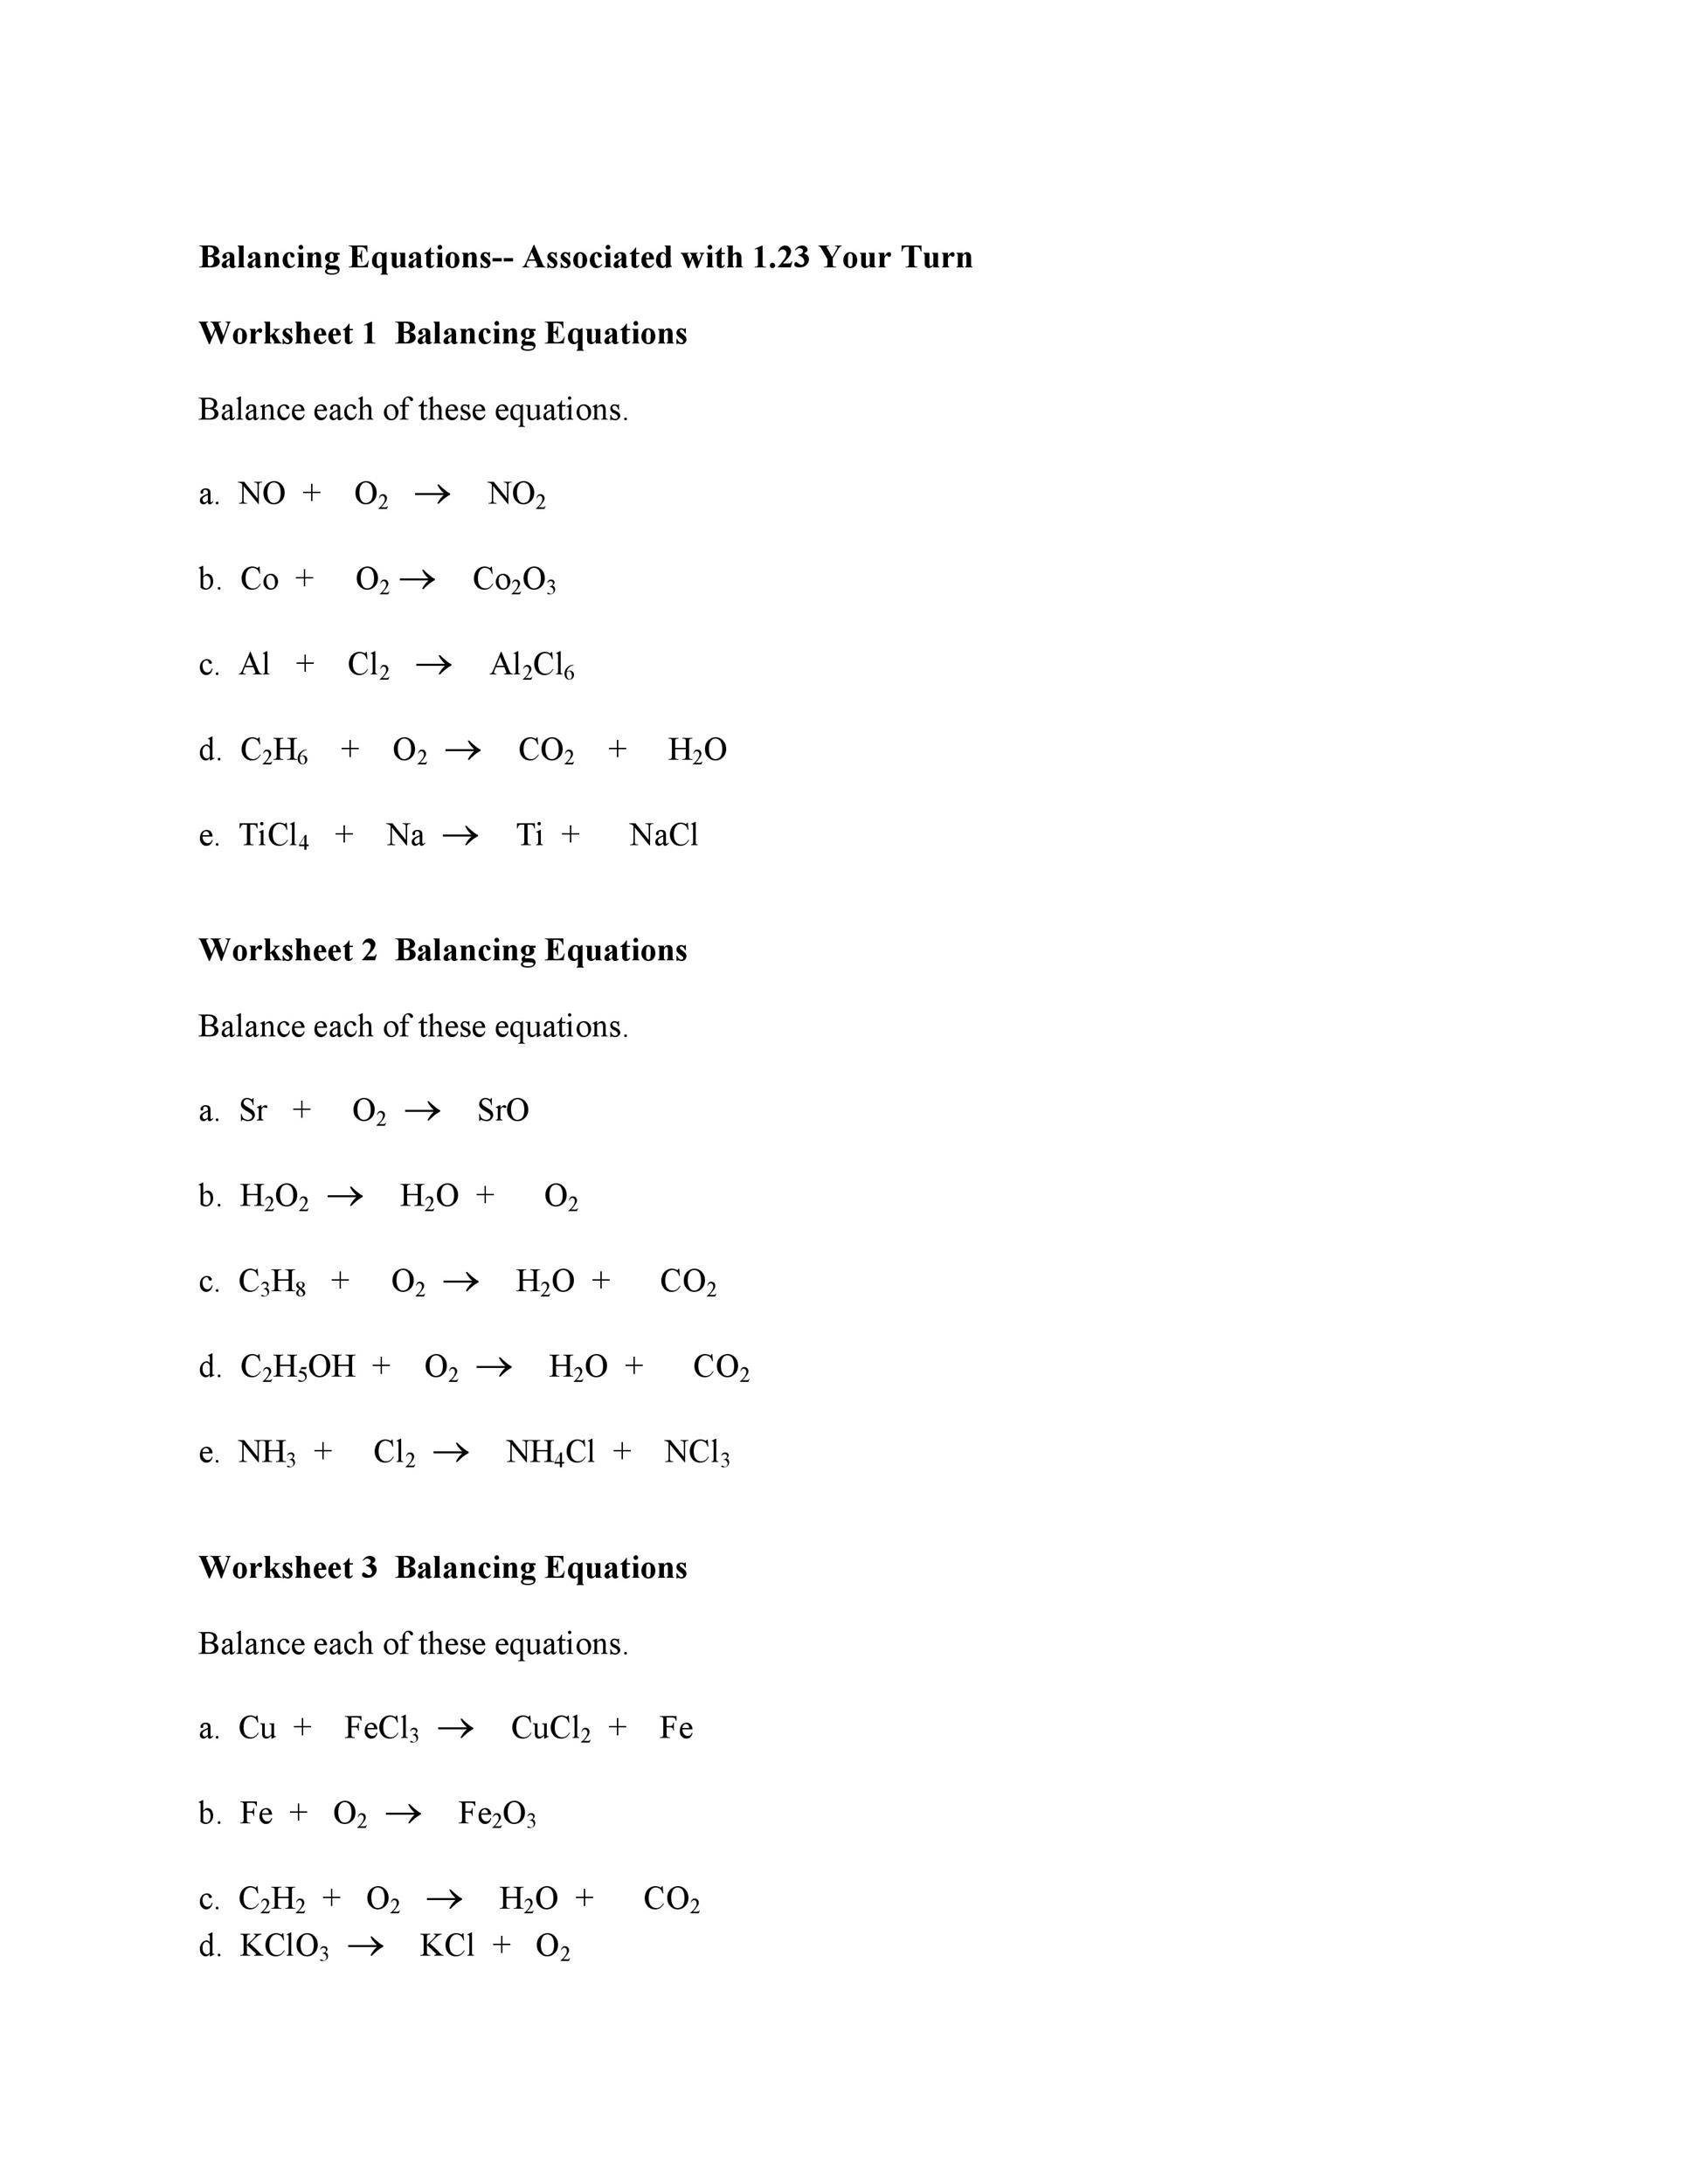 Free balancing equations 22